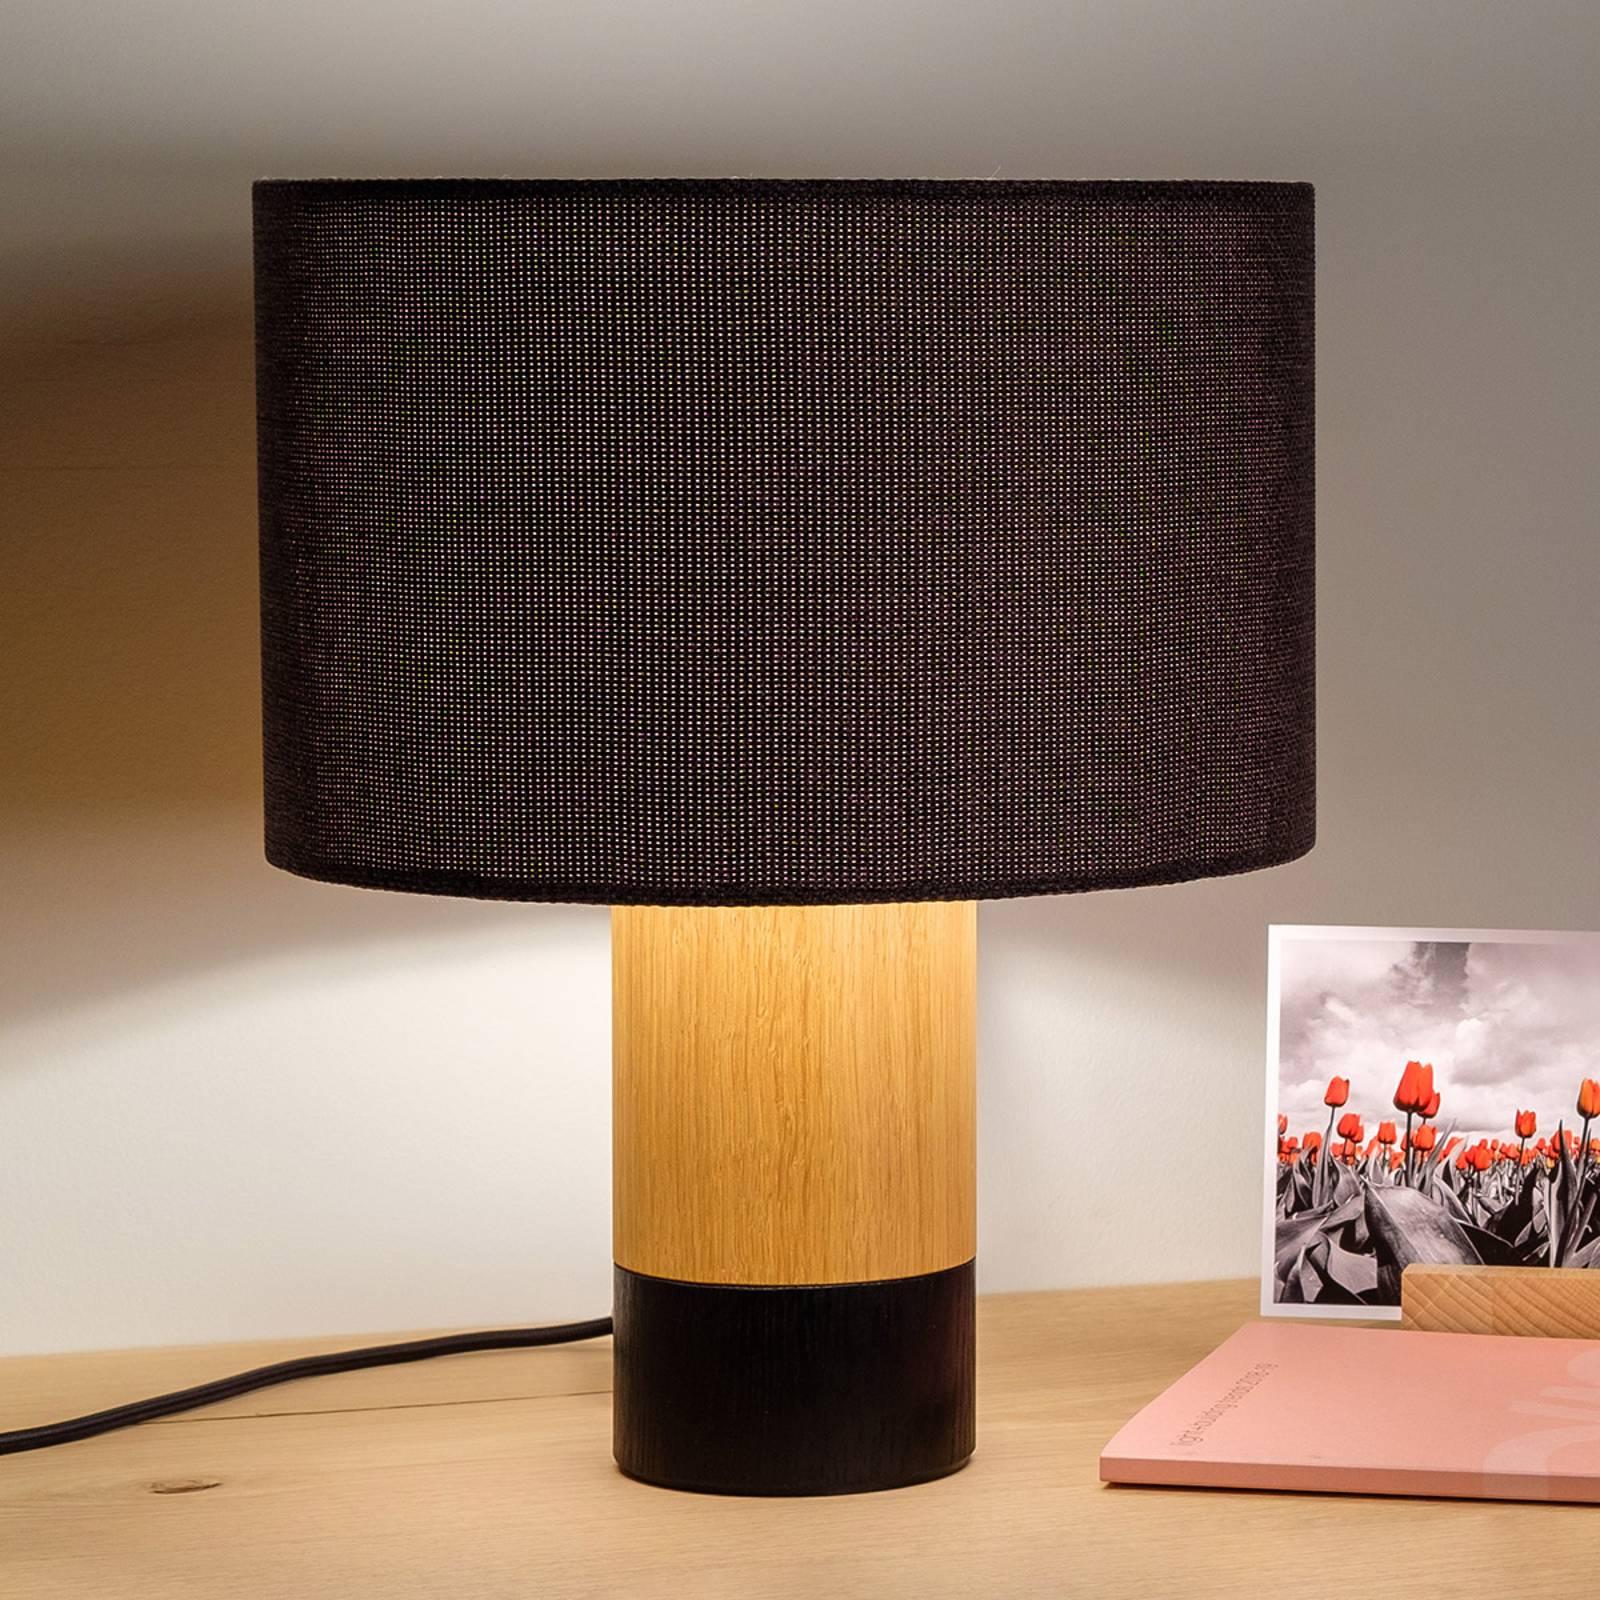 Pöytälamppu Klippa musta Trooper Graphit, 31 cm